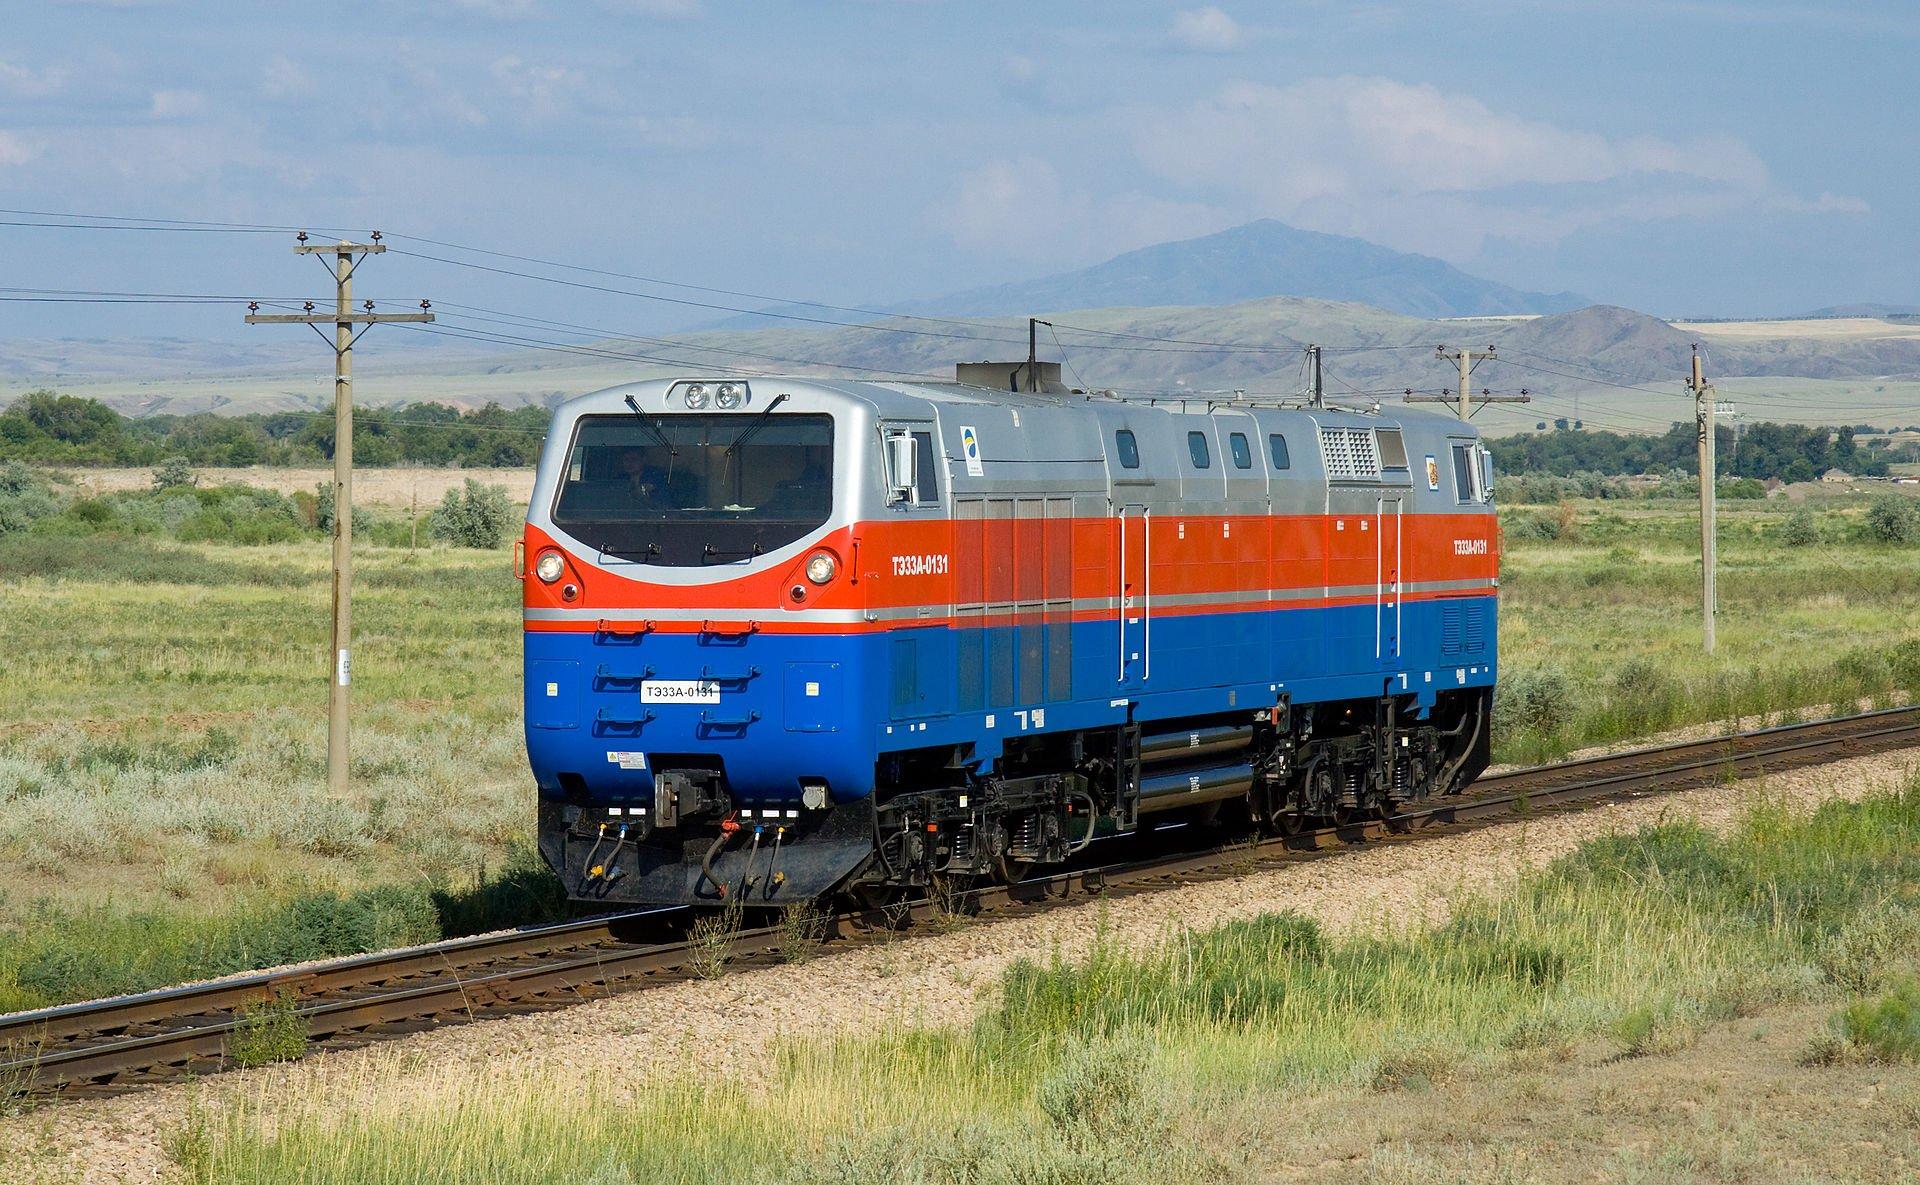 Тепловоз ТЕ33А — вантажний тепловоз з асинхронним тяговим приводом розрахований для залізниць з колією 1520 мм